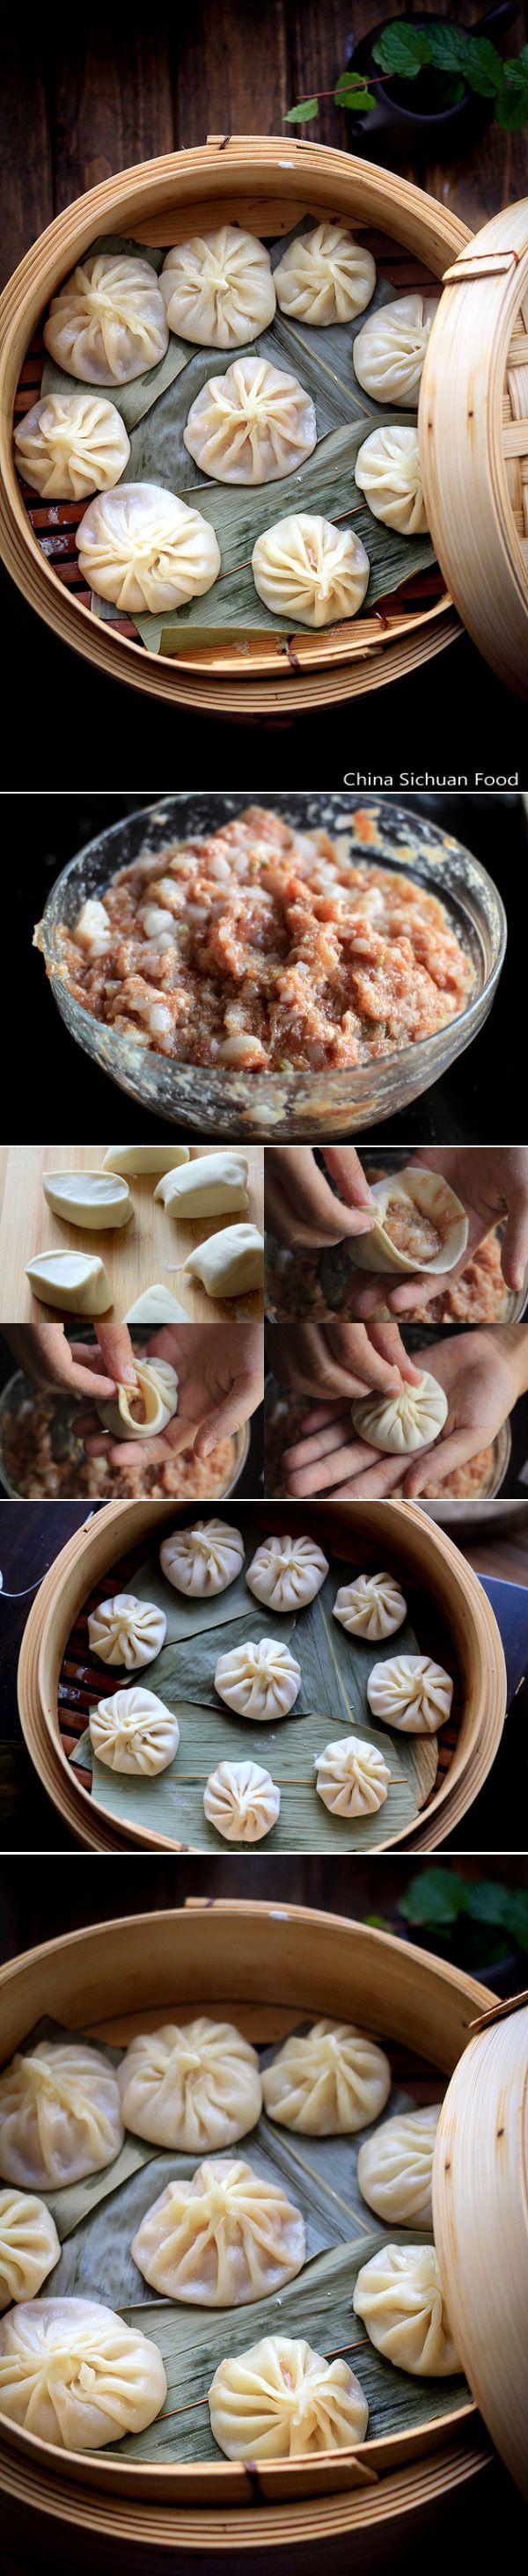 asian dumpling recipes